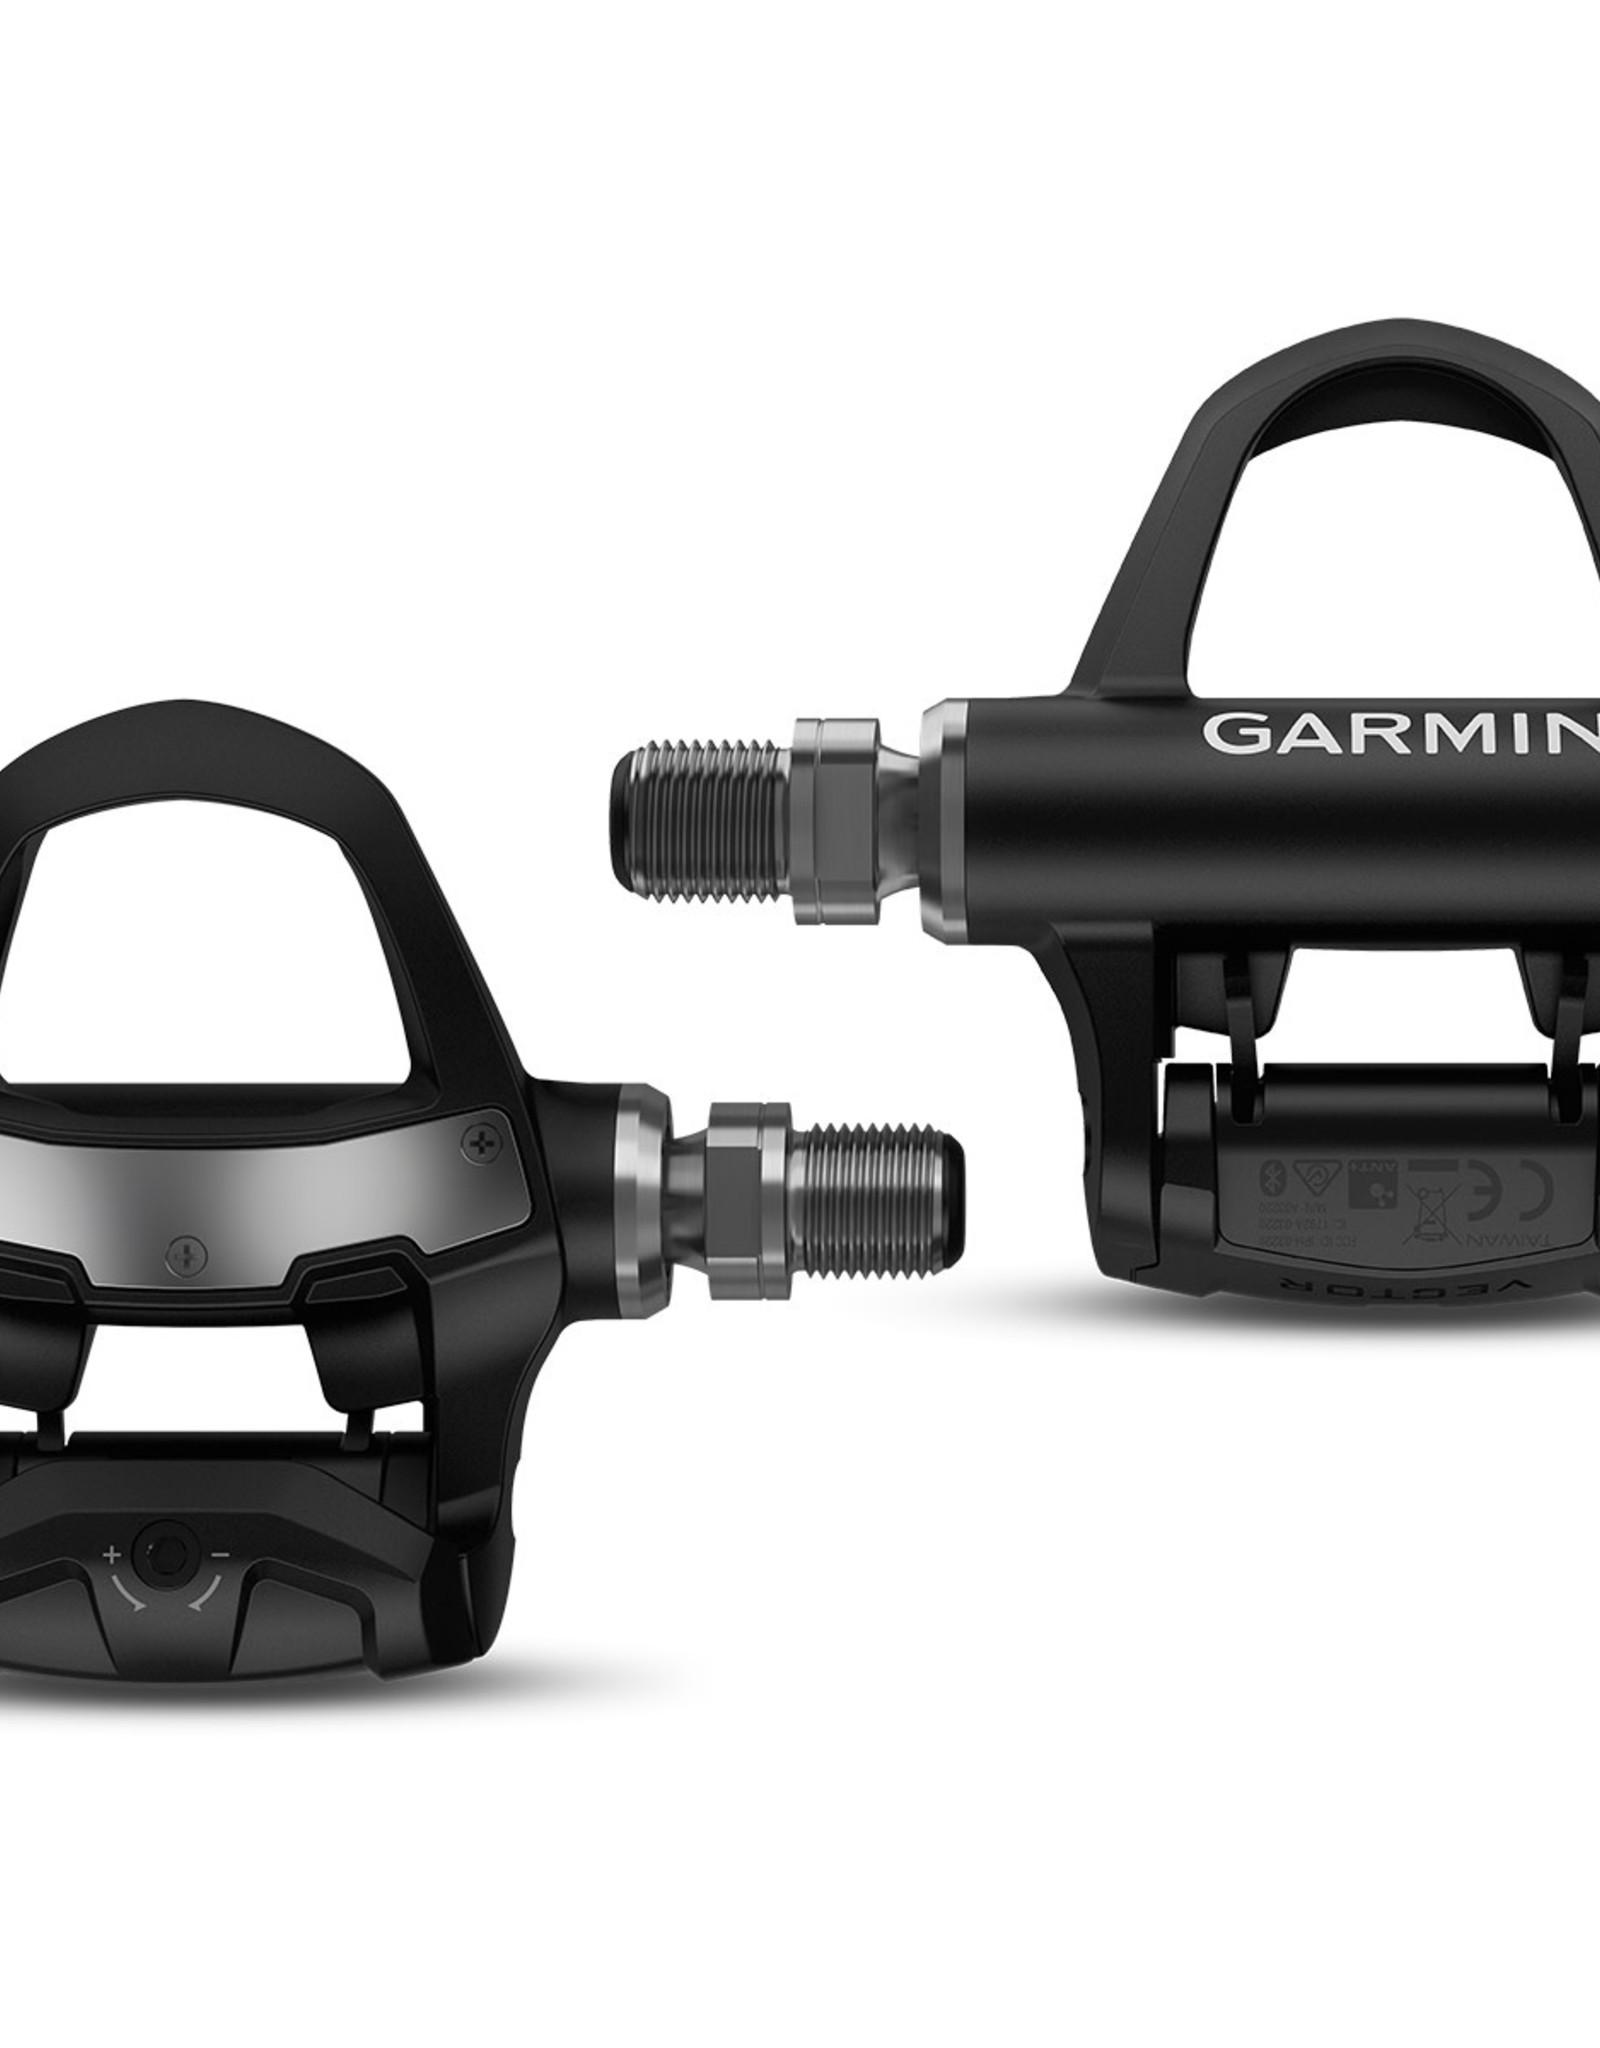 Garmin Garmin - Vector 3 - Pedals